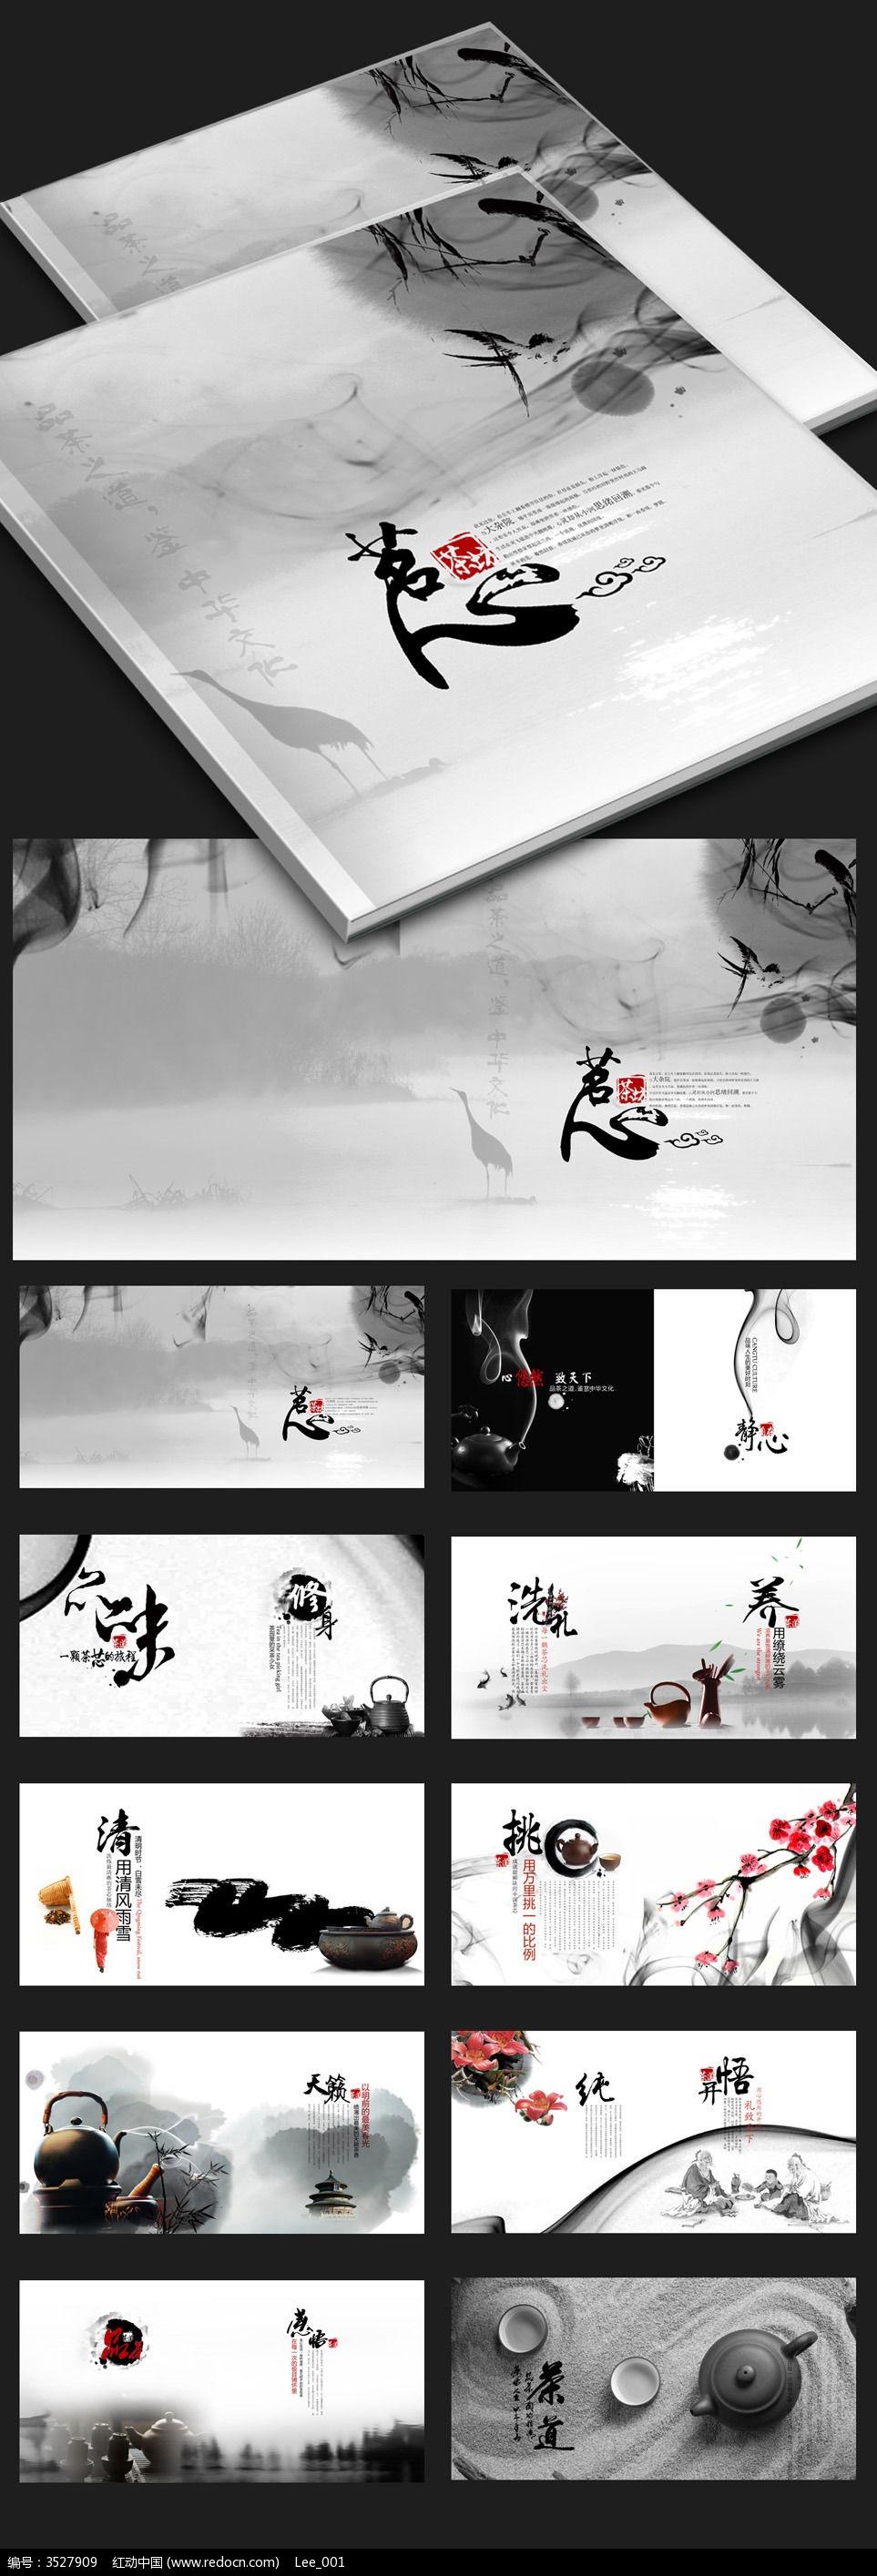 茶道画册 中国风茶叶宣传画册图片